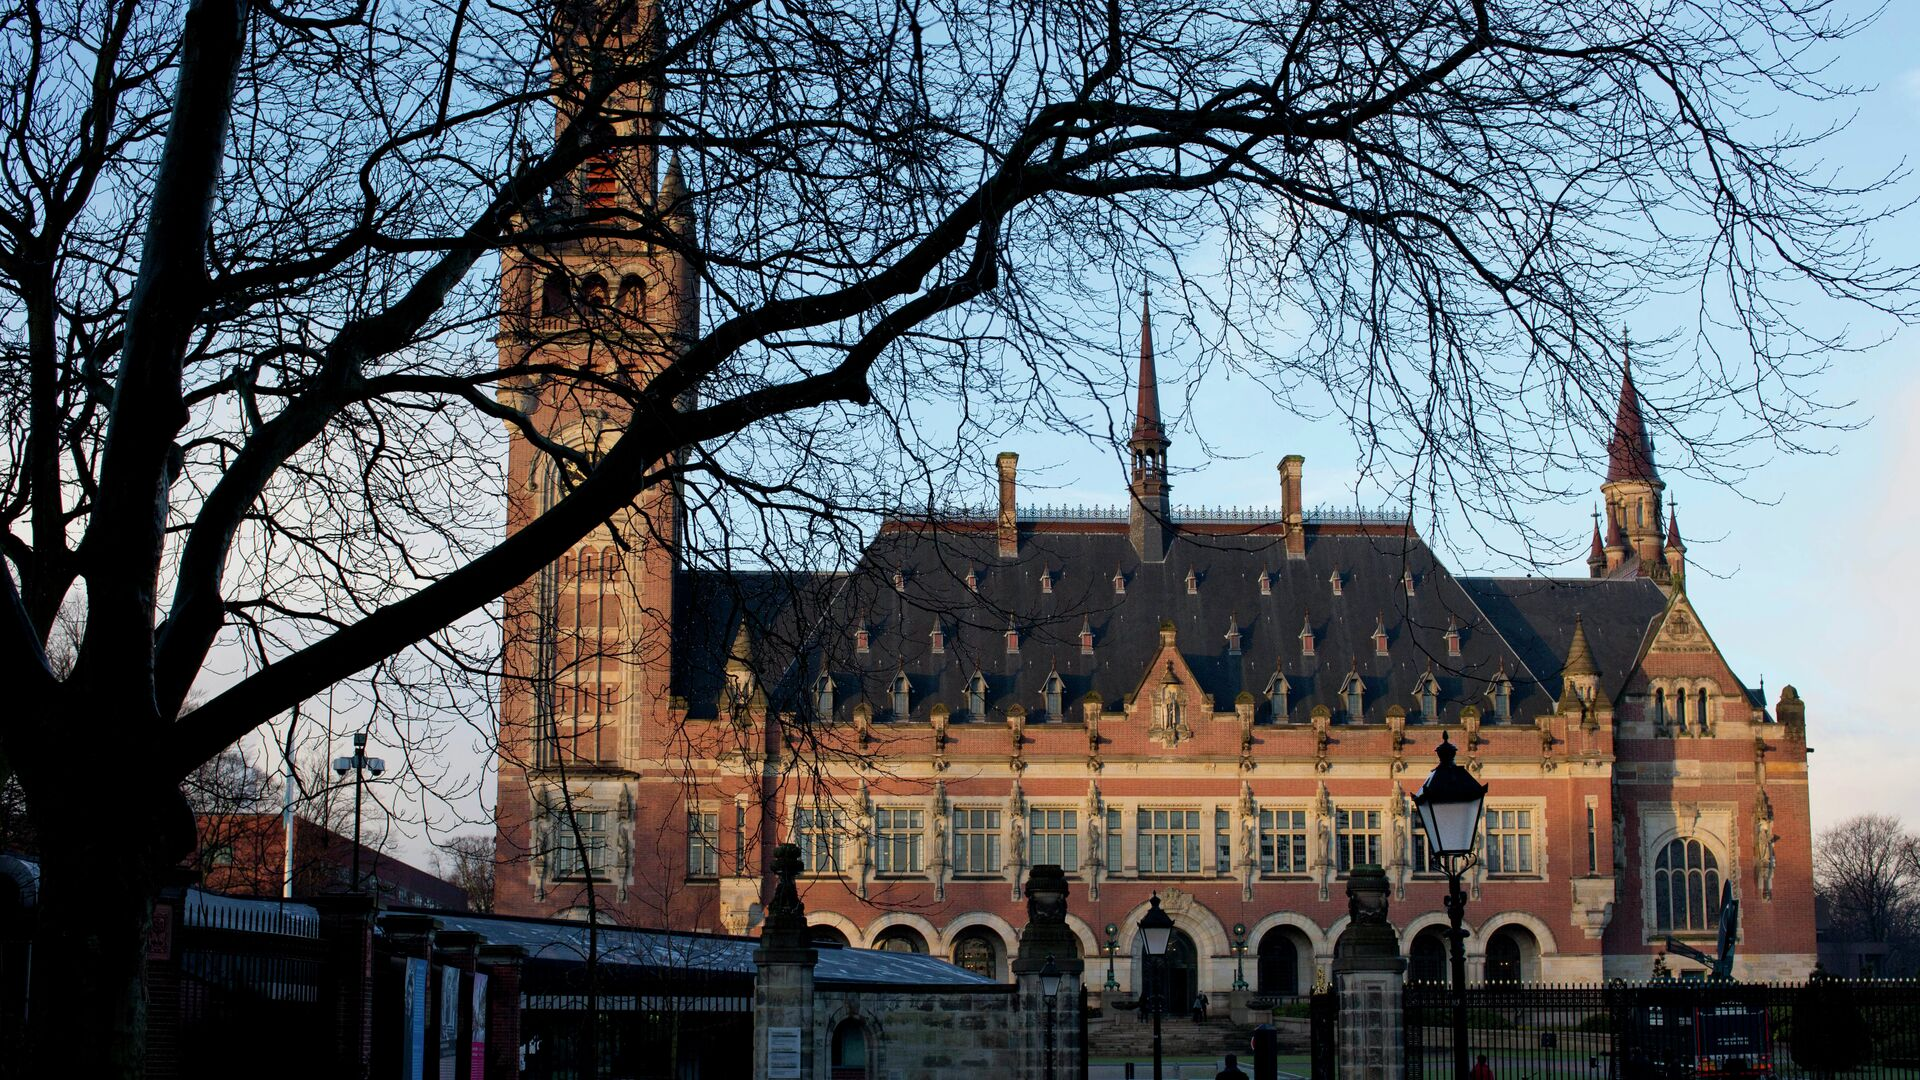 Corte Internacional de Justicia en la Haya - Sputnik Mundo, 1920, 25.09.2021